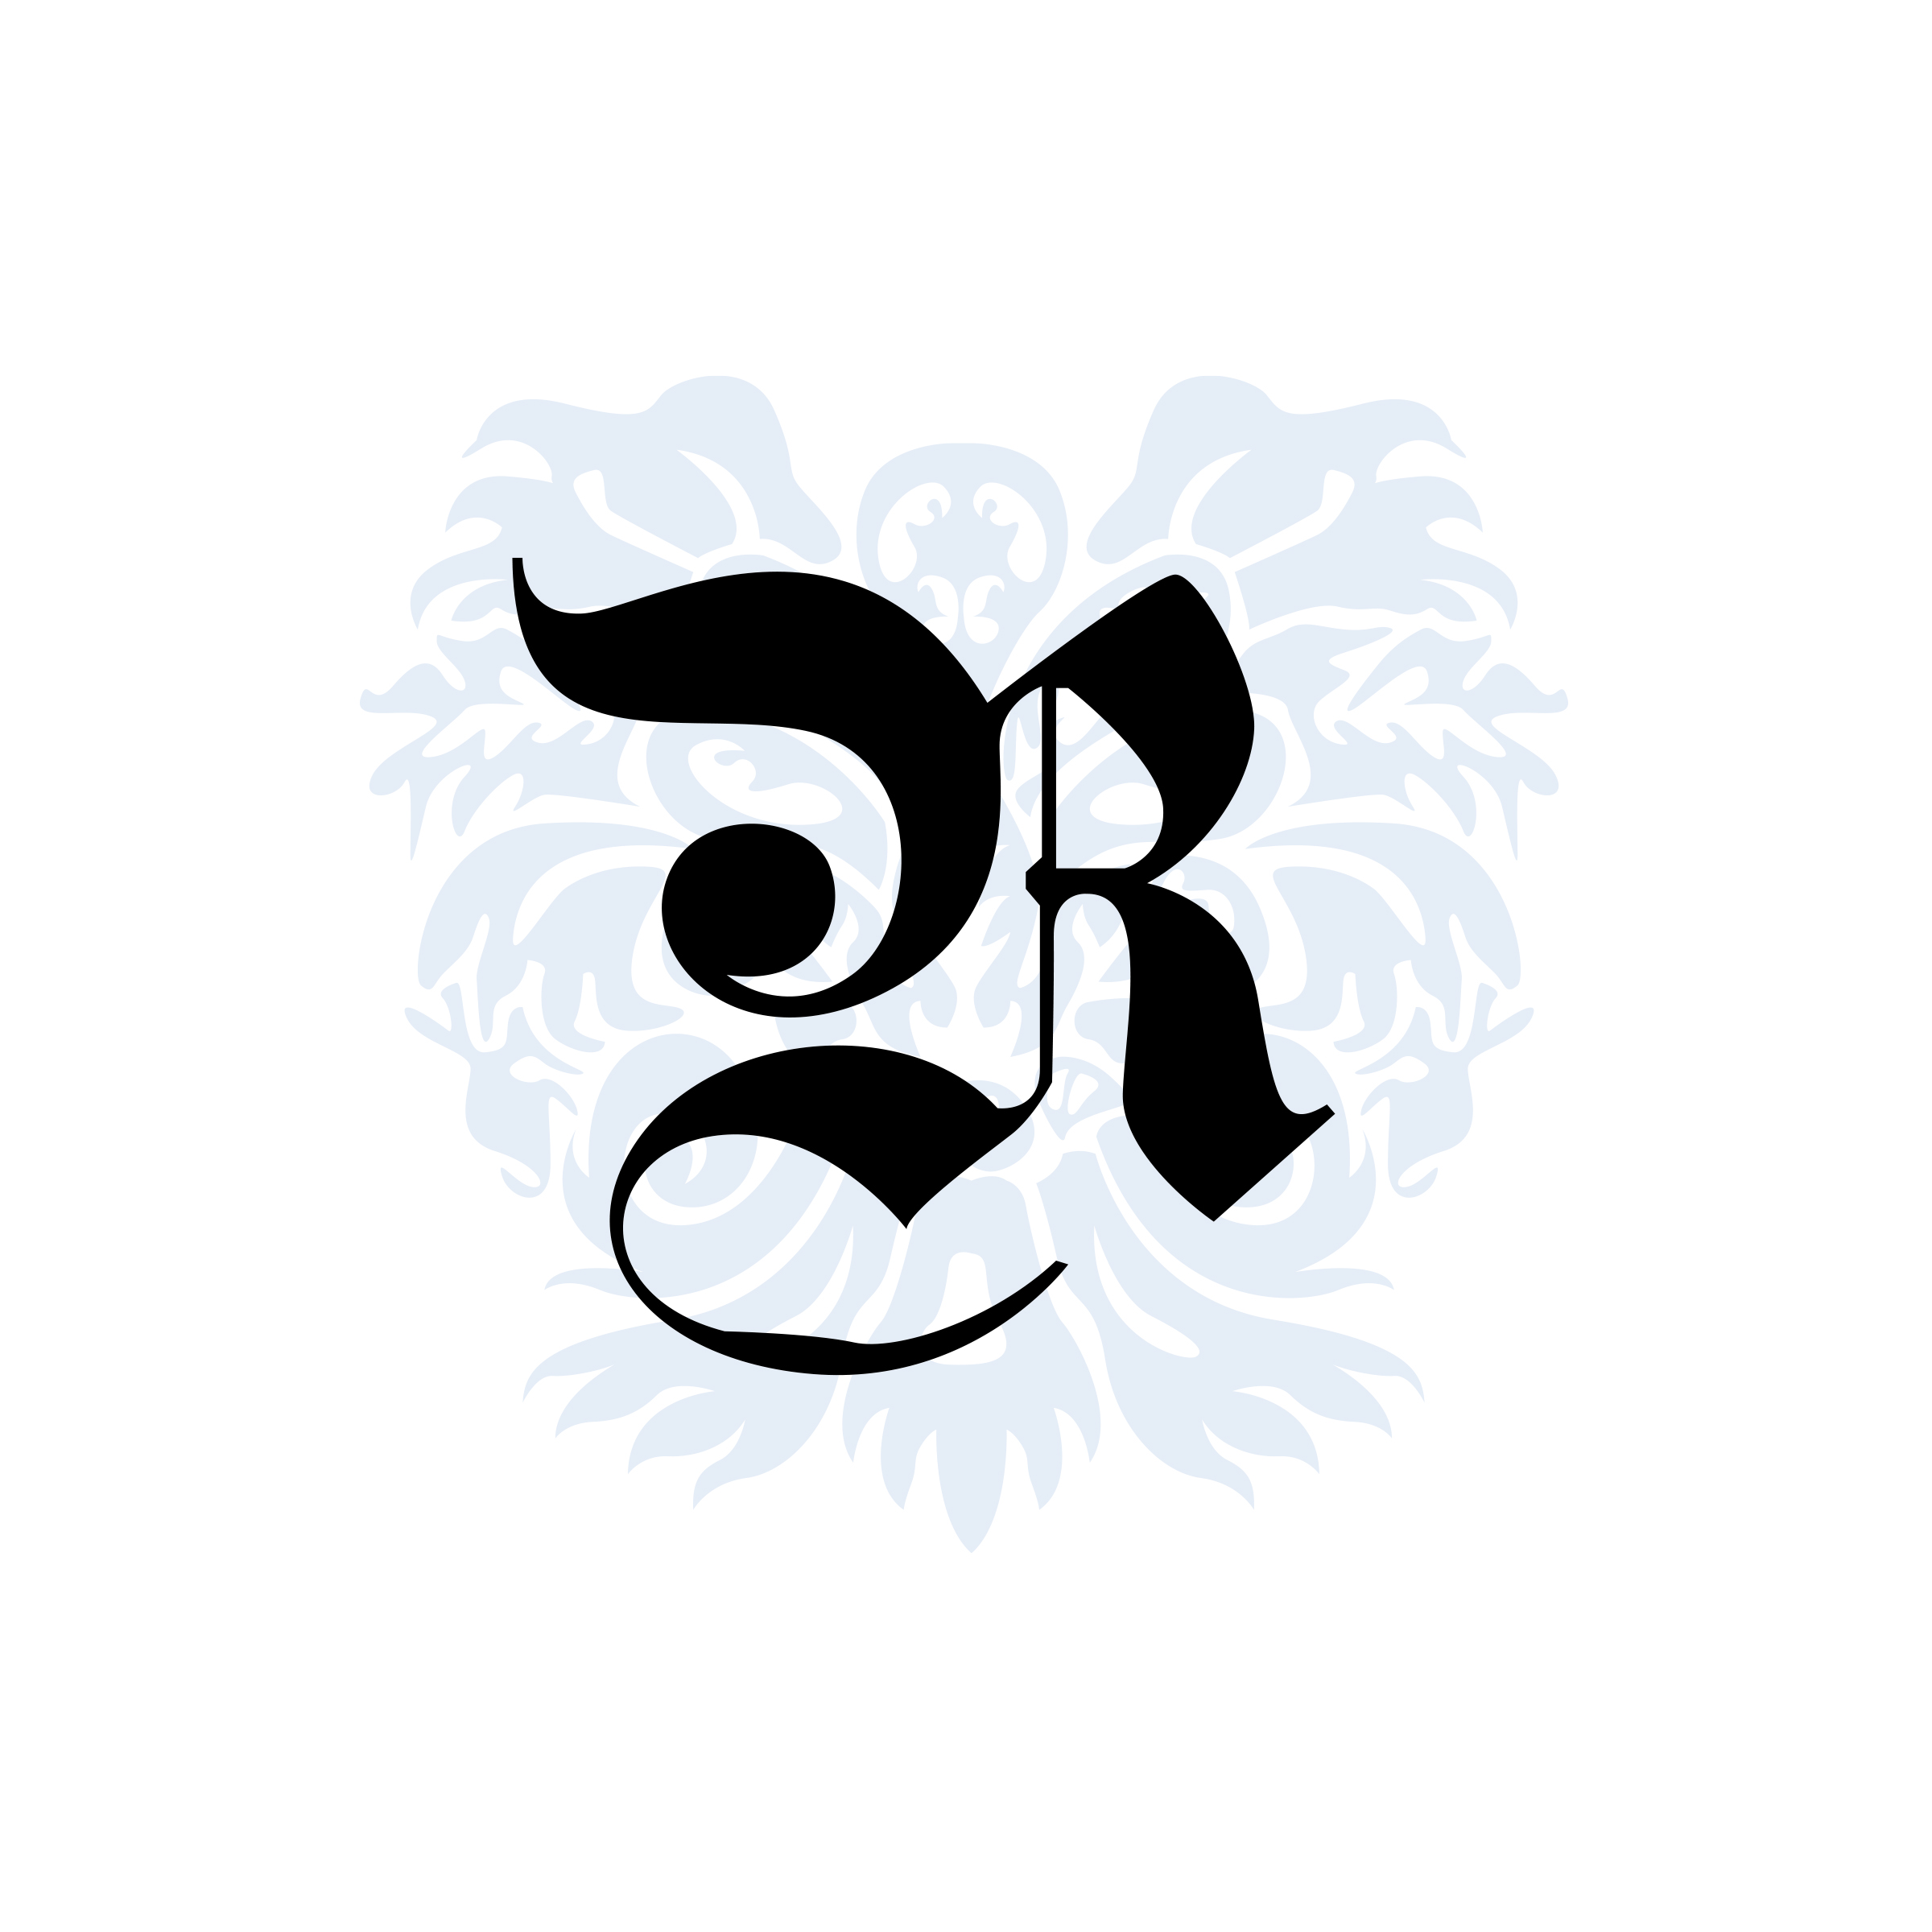 Rockefeller_R_Black.jpg